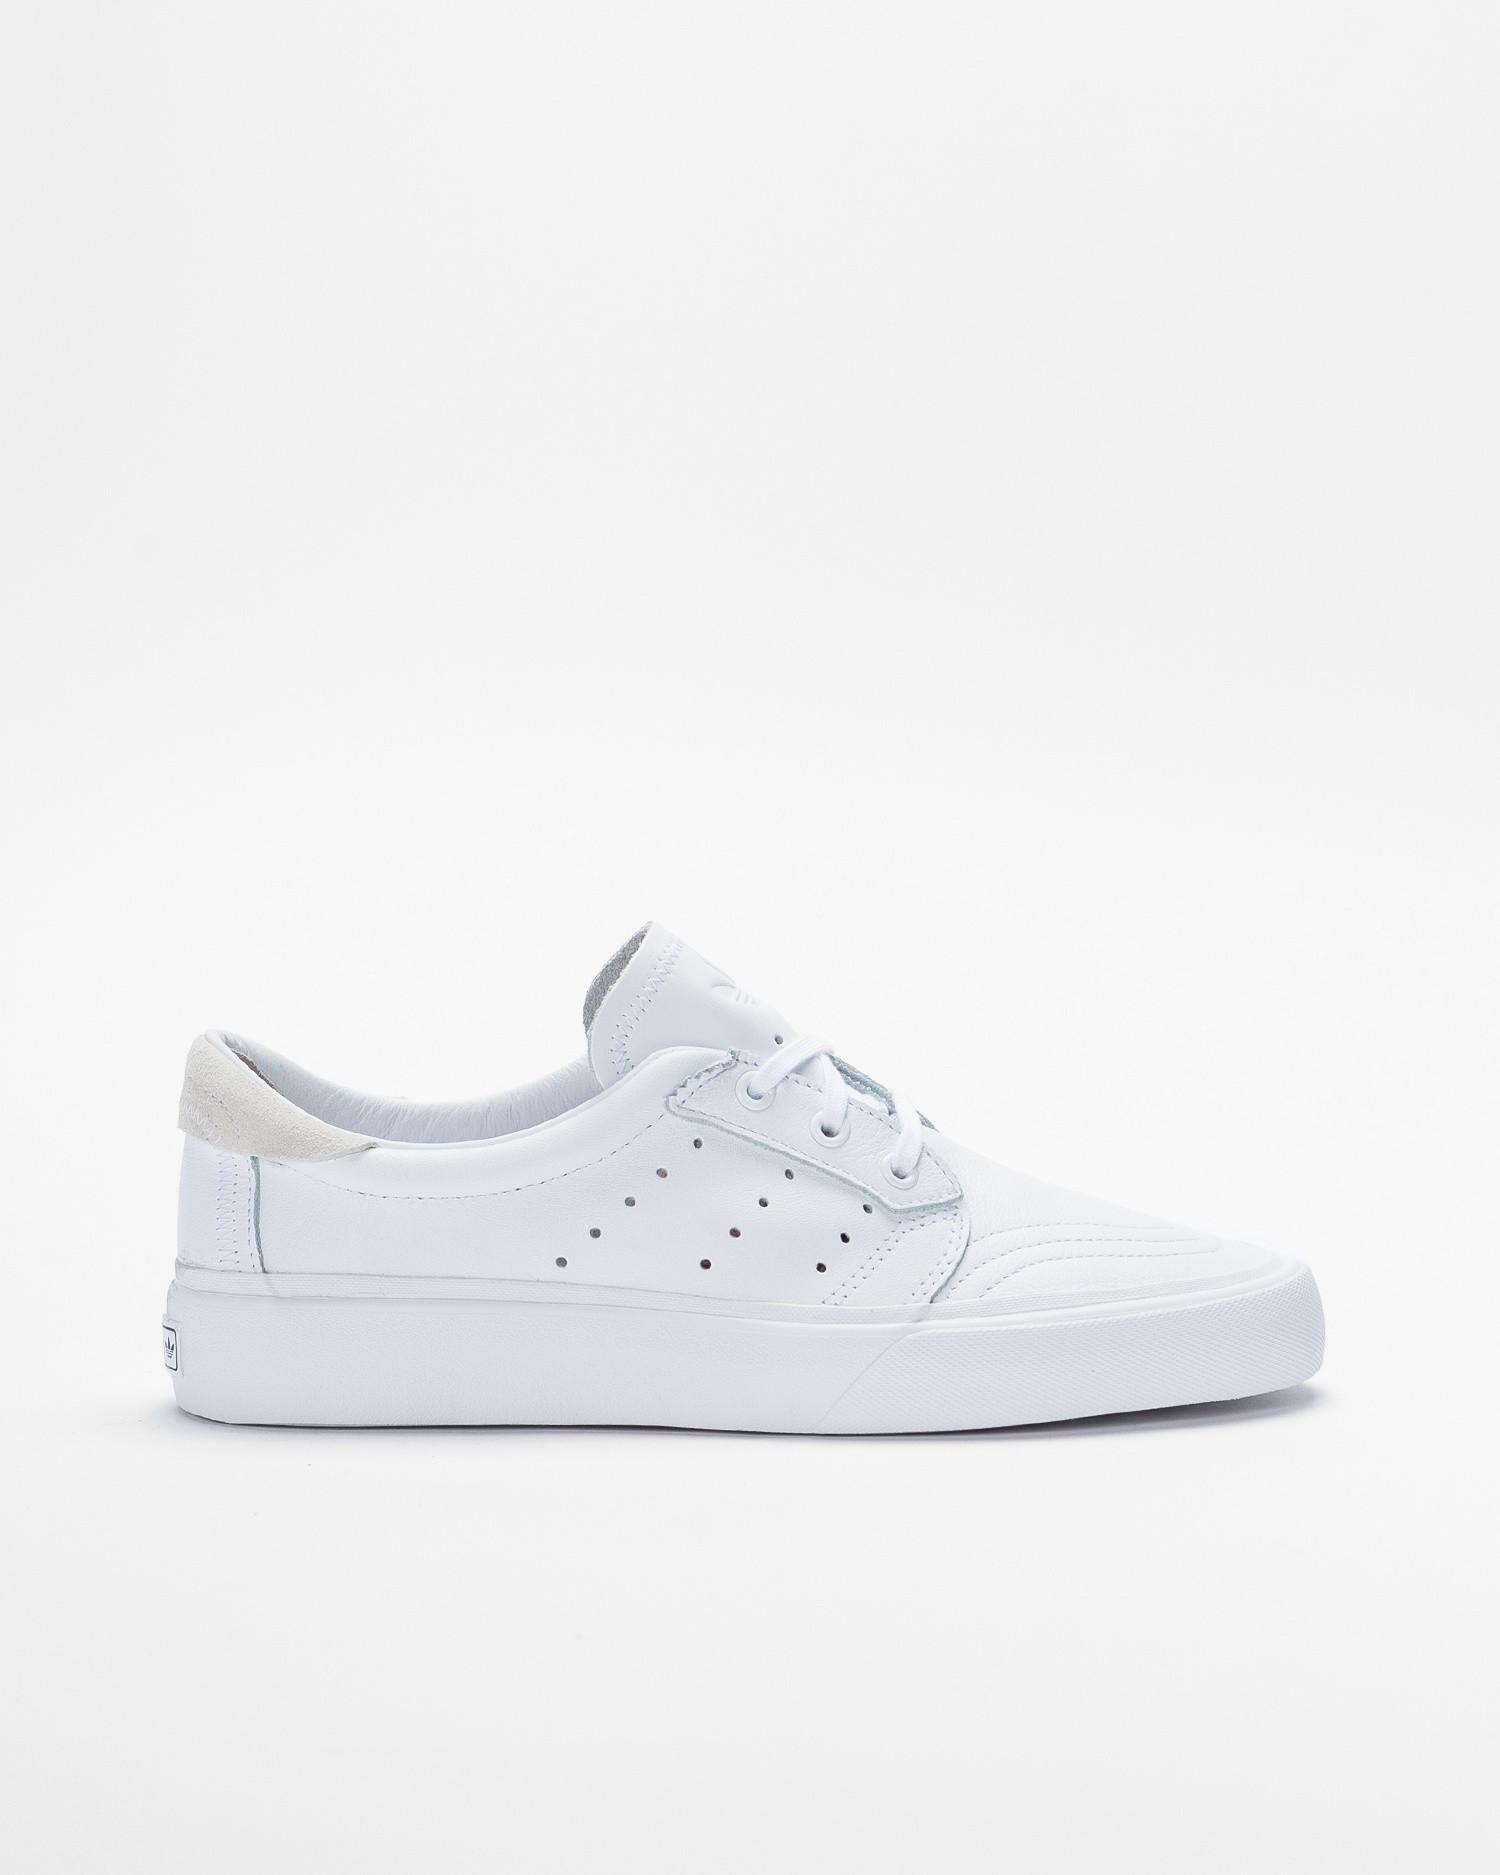 Adidas Coronado Ftwwht/Ftwwht